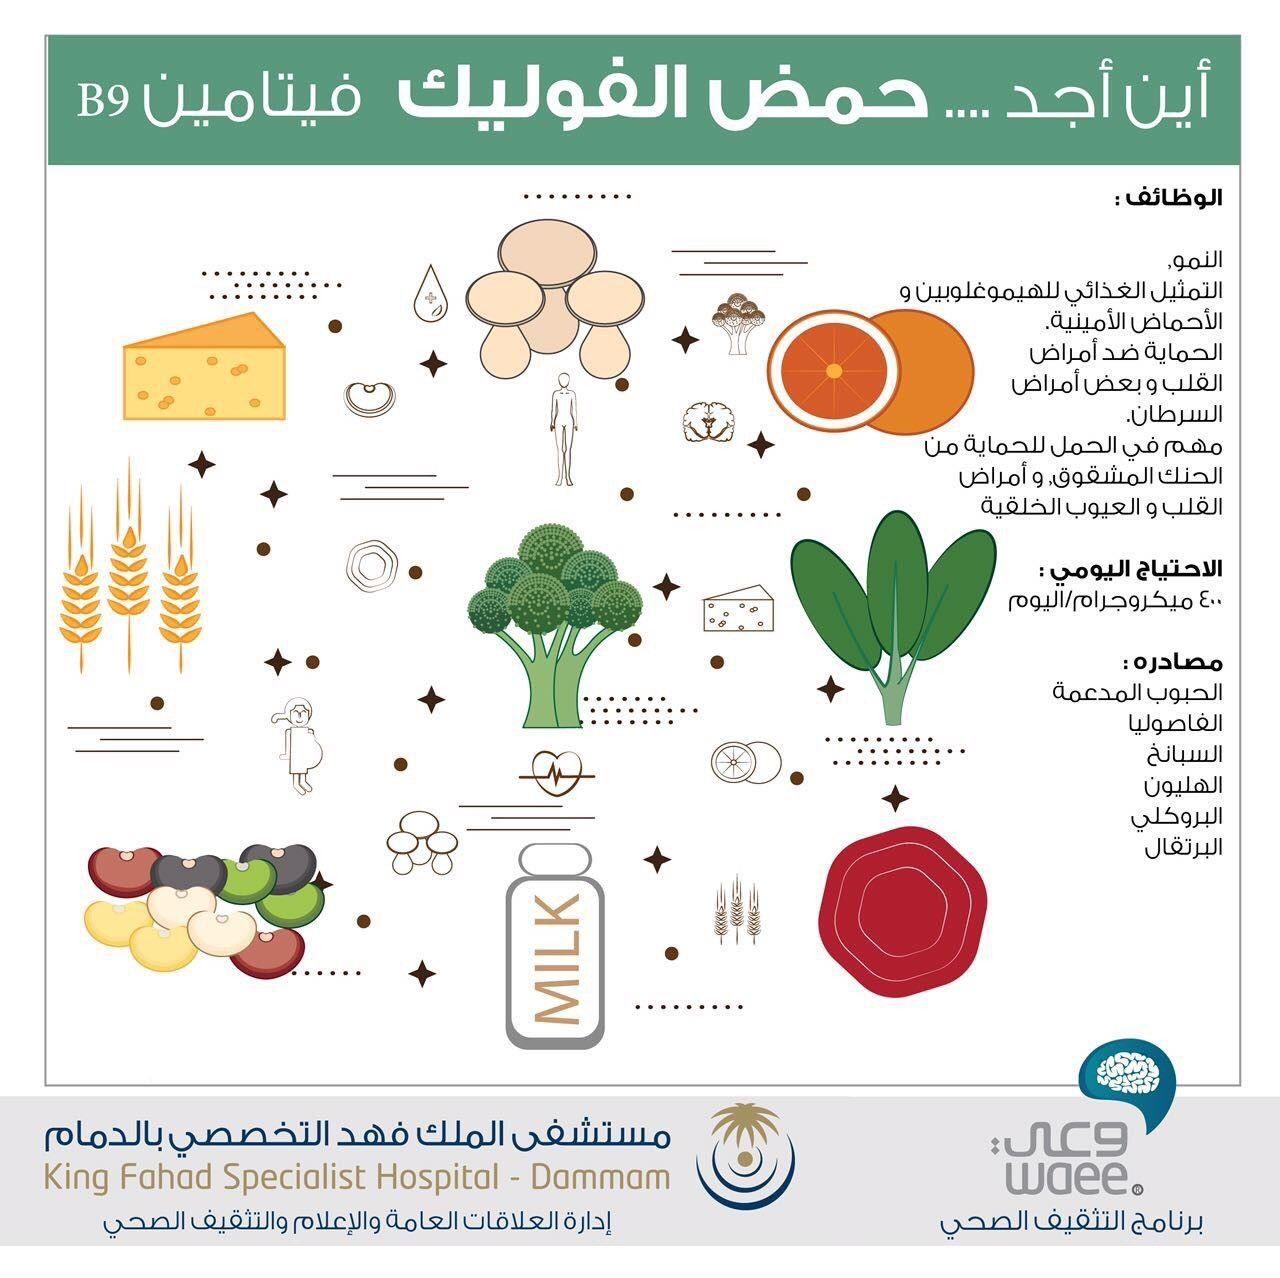 الأطعمة الغنية بحمض الفوليك Dammam Map Medical